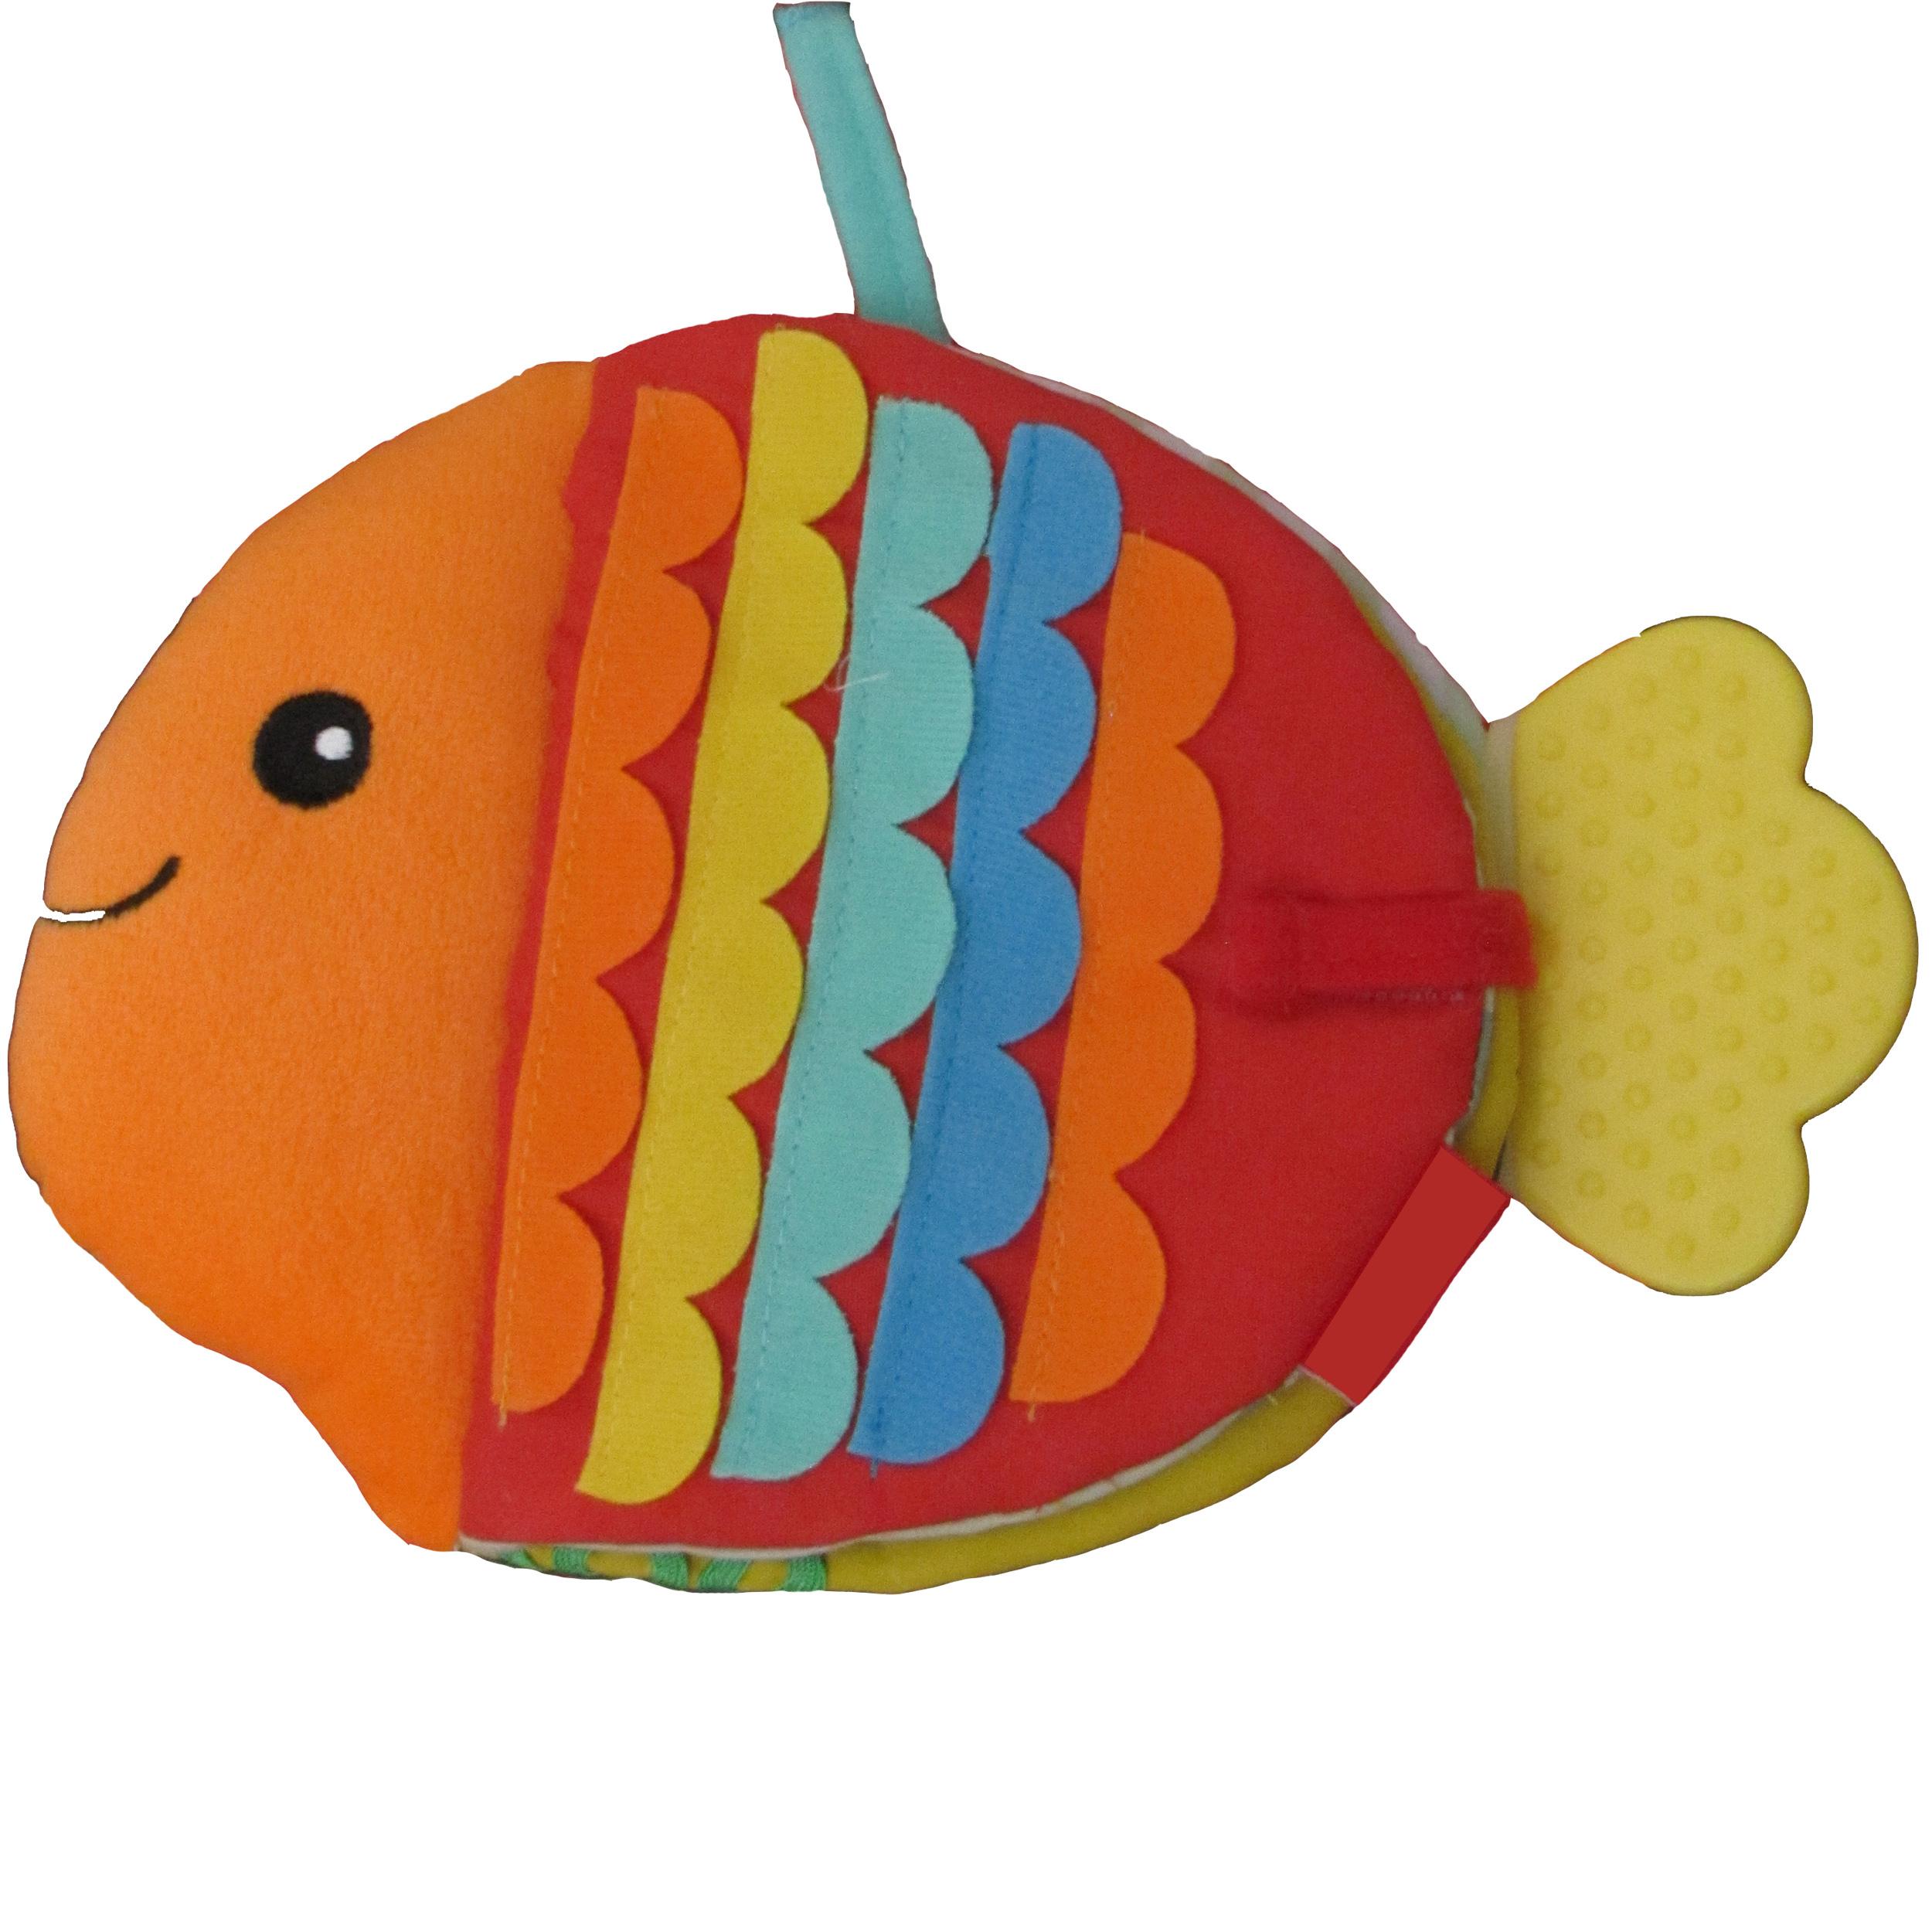 کتاب کودک طرح ماهی